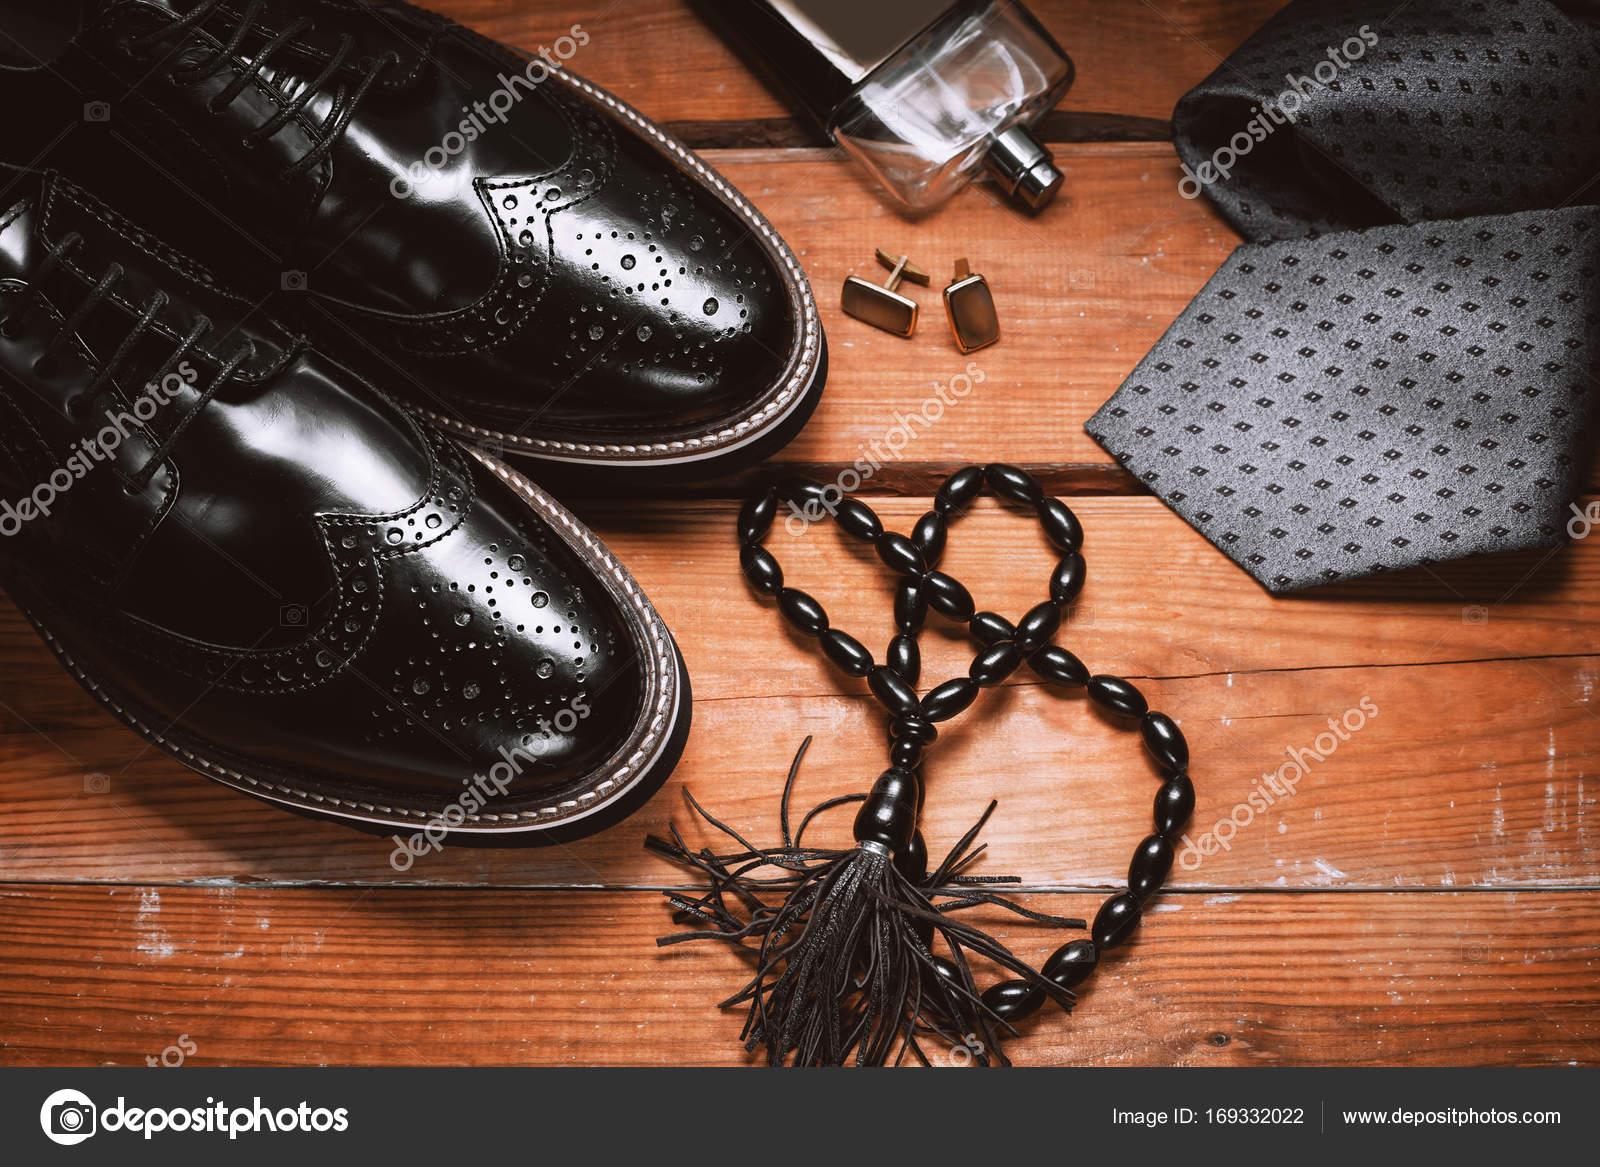 c2a29c3ff59 Αξεσουάρ ανδρών. Παπούτσια με γραβάτα, το άρωμα και μανσέτα– εικόνα αρχείου